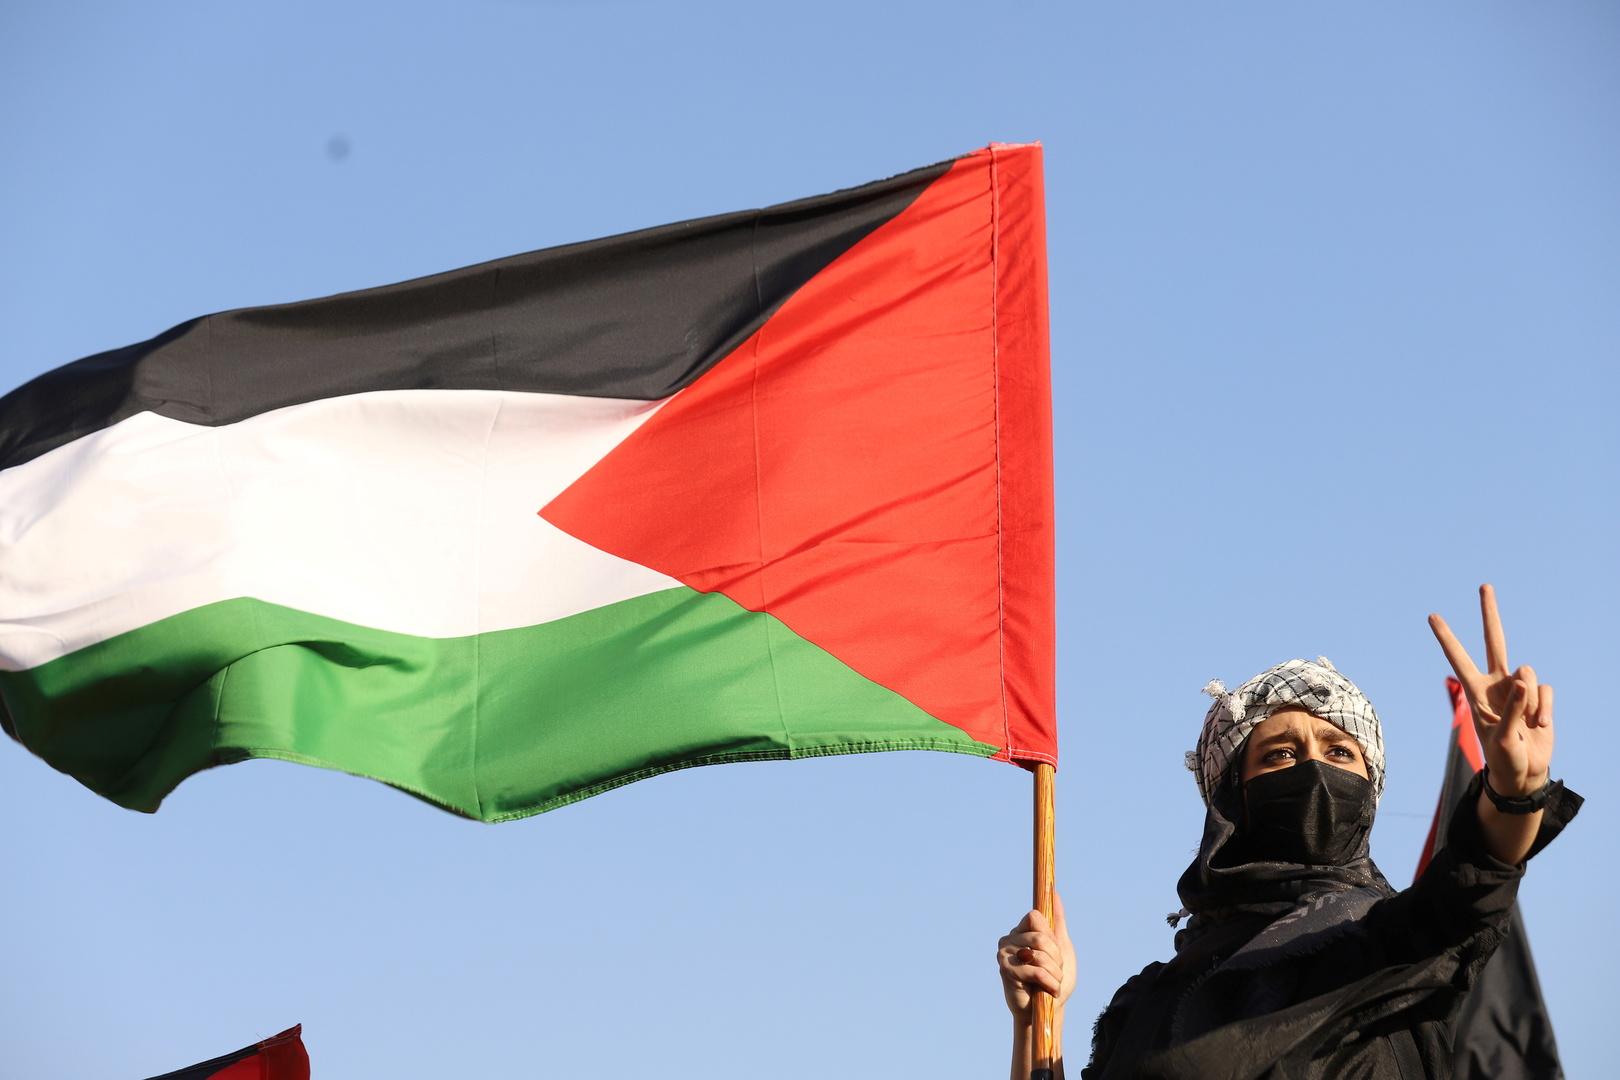 الاتحاد الأوروبي وكندا يعلقان على وفاة الناشط الفلسطيني نزار بنات